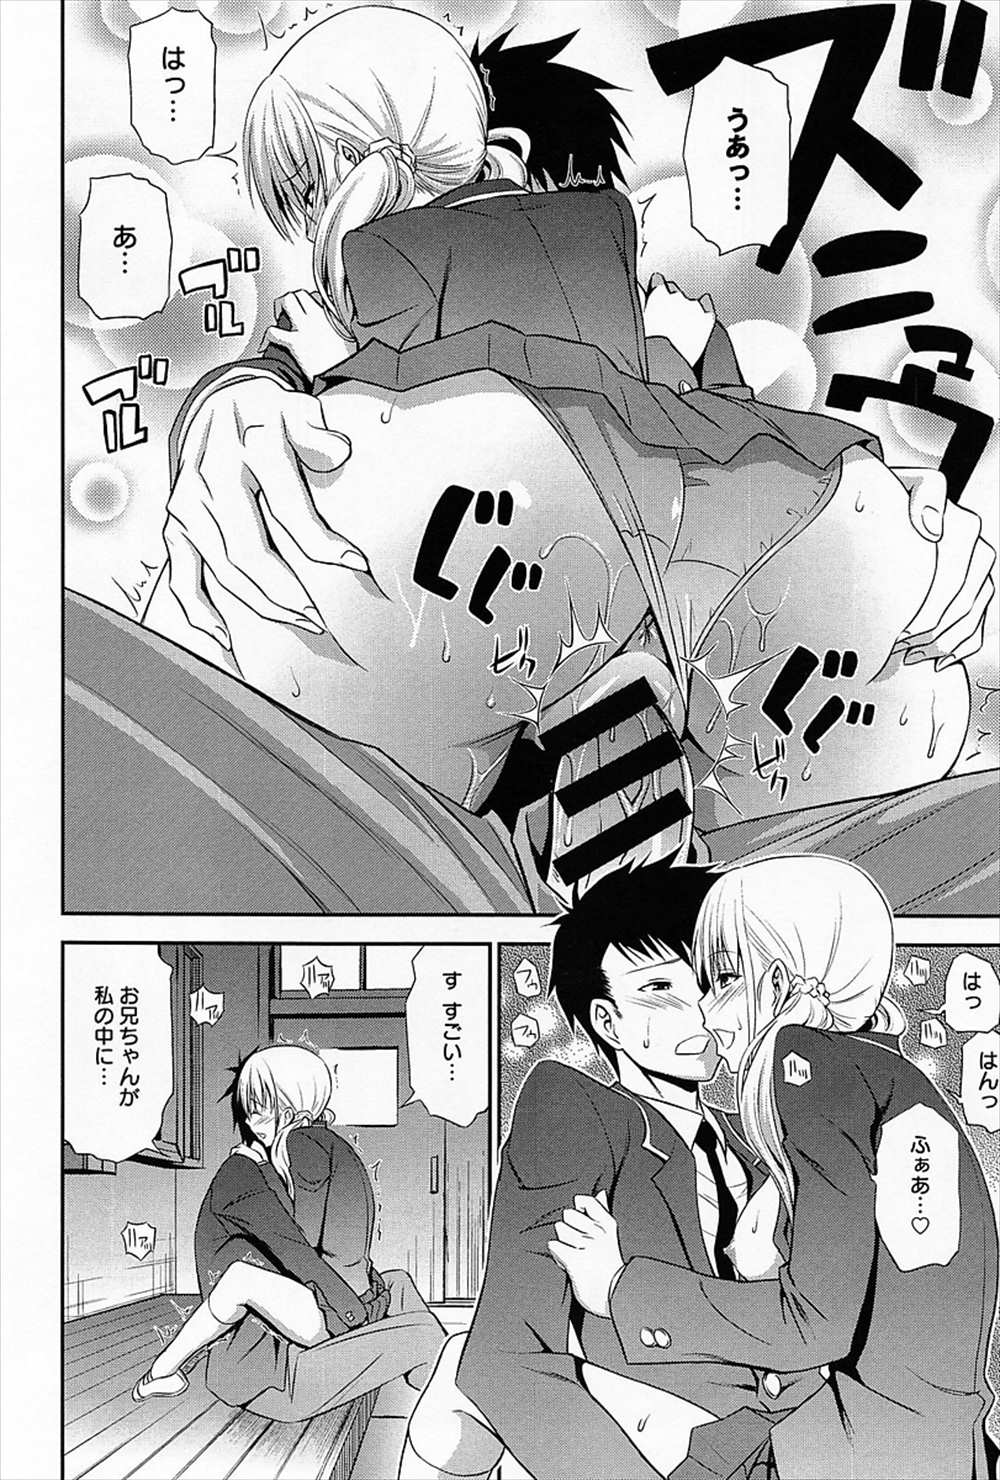 【エロ漫画】男性恐怖症の妹JK…お兄ちゃんが克服に付き合って近親相姦しちゃいますwww【青木幹治:妹レッスン】